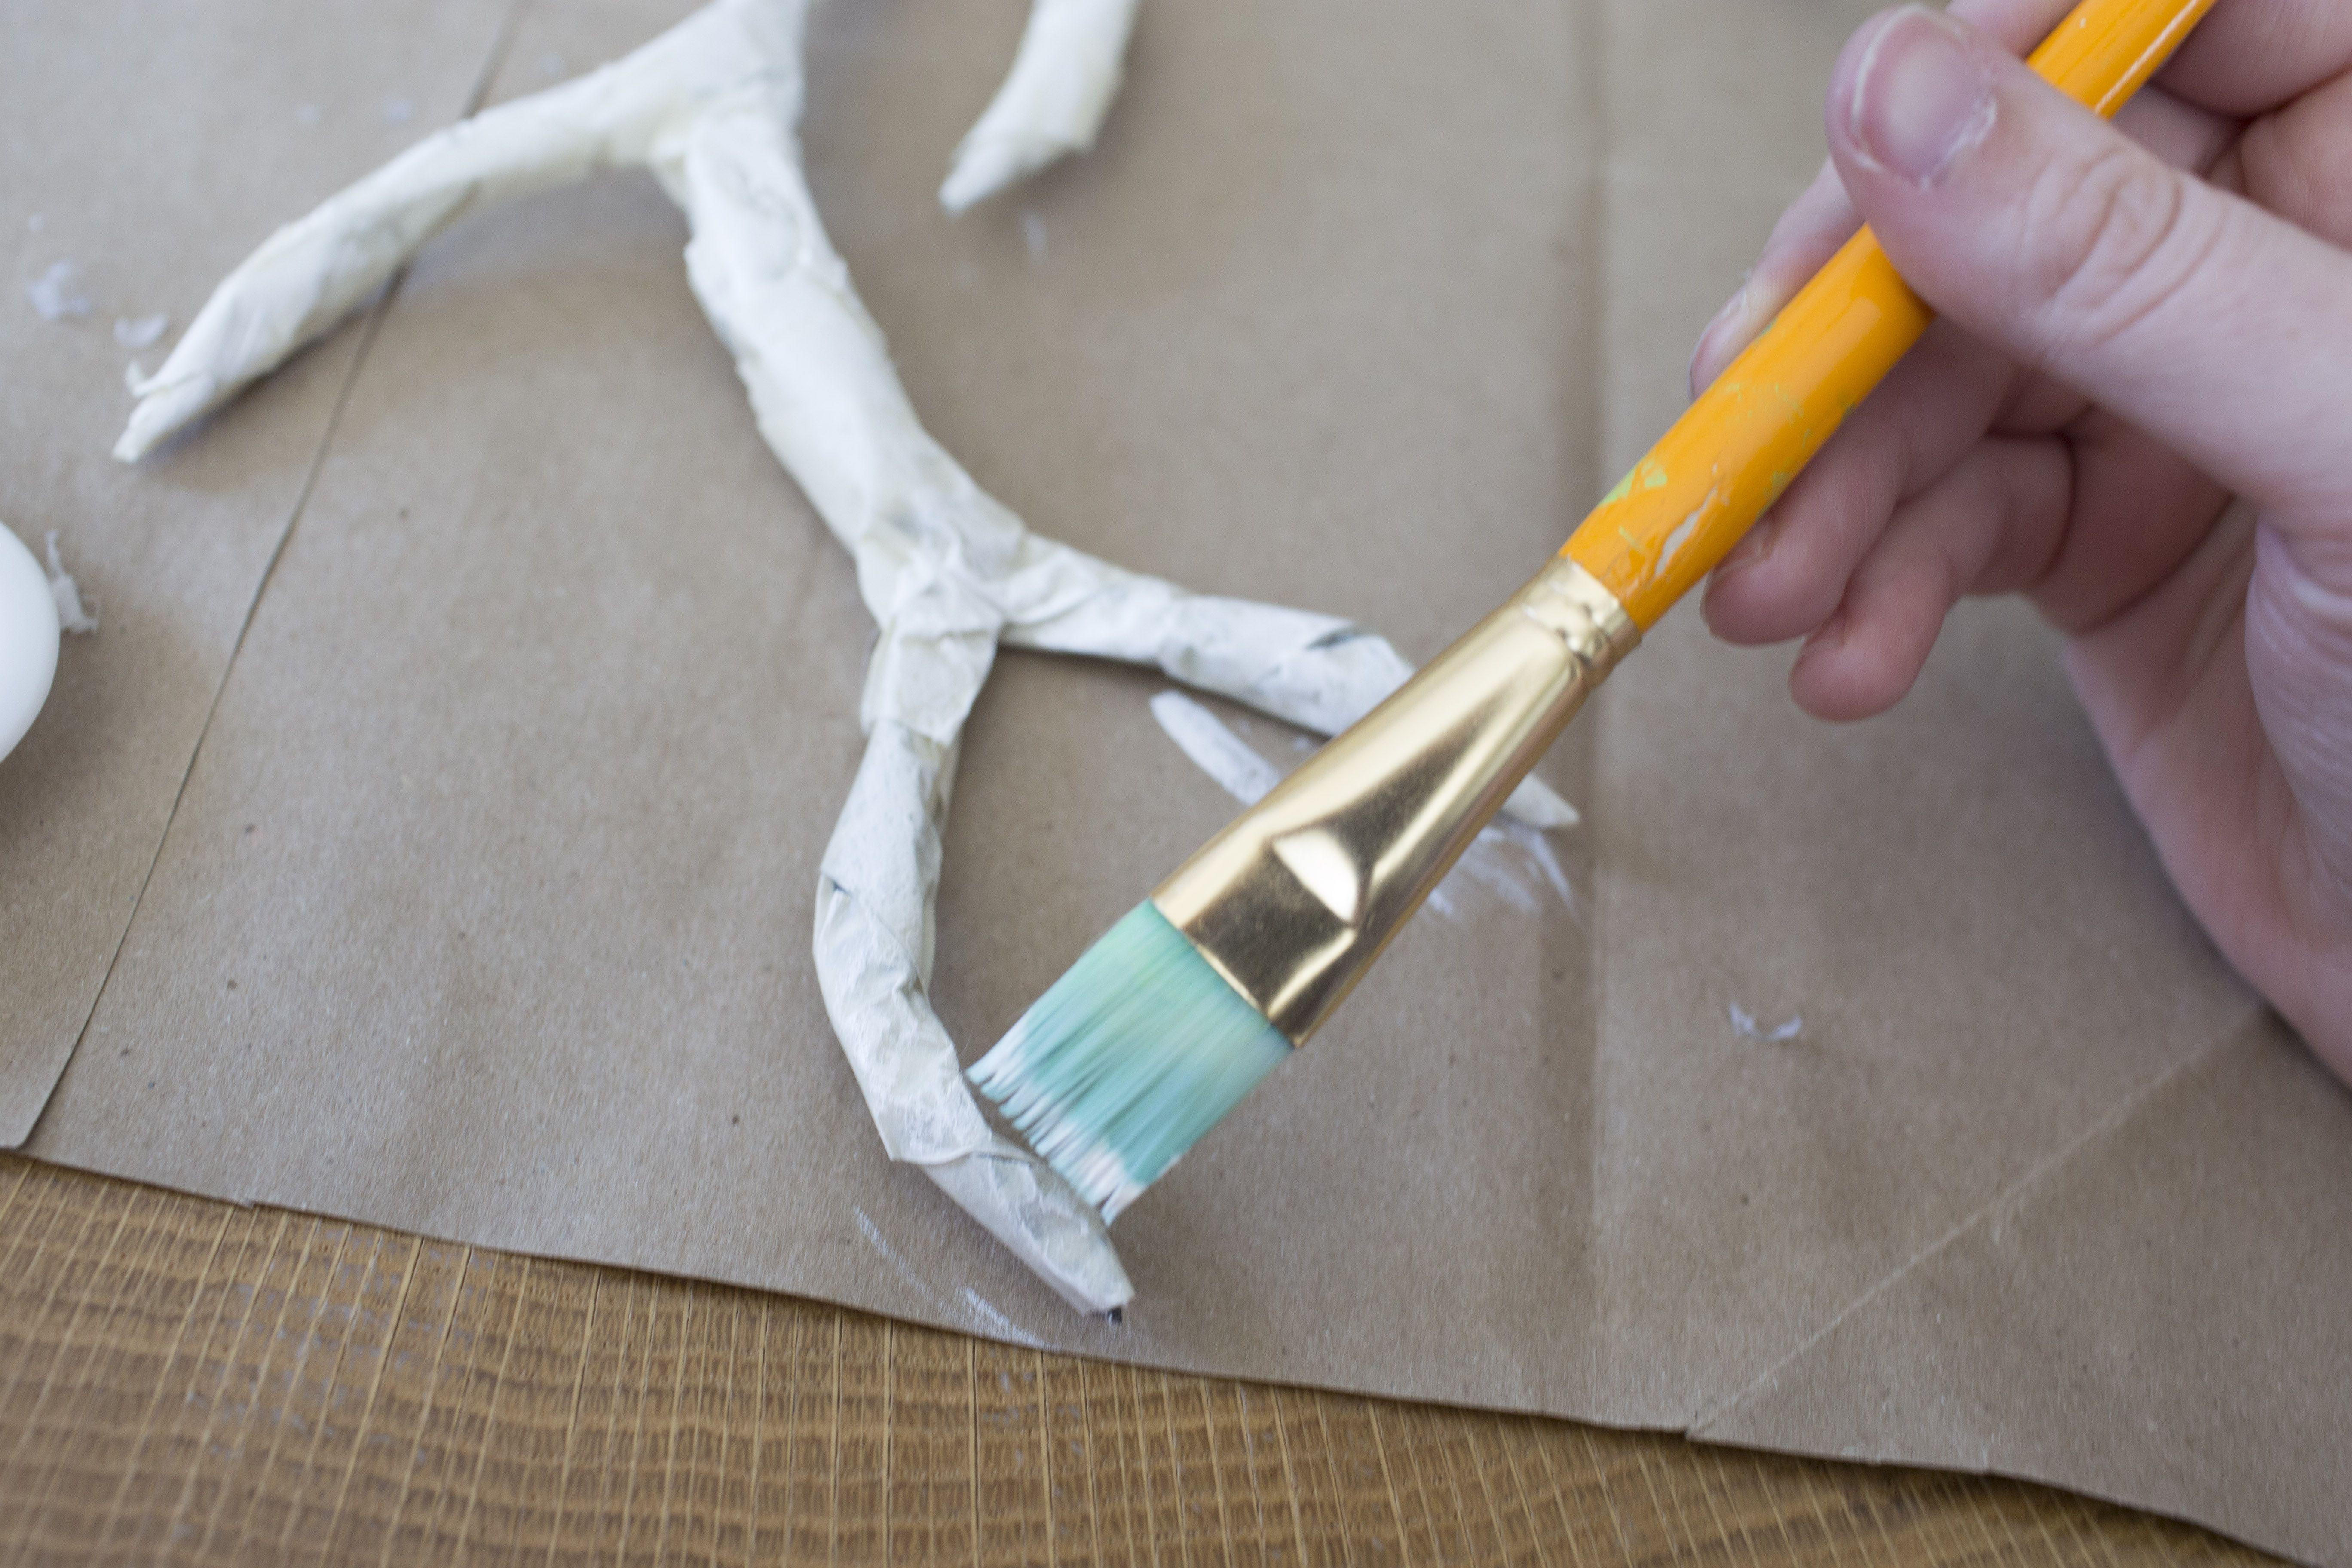 Painting DIY antlers